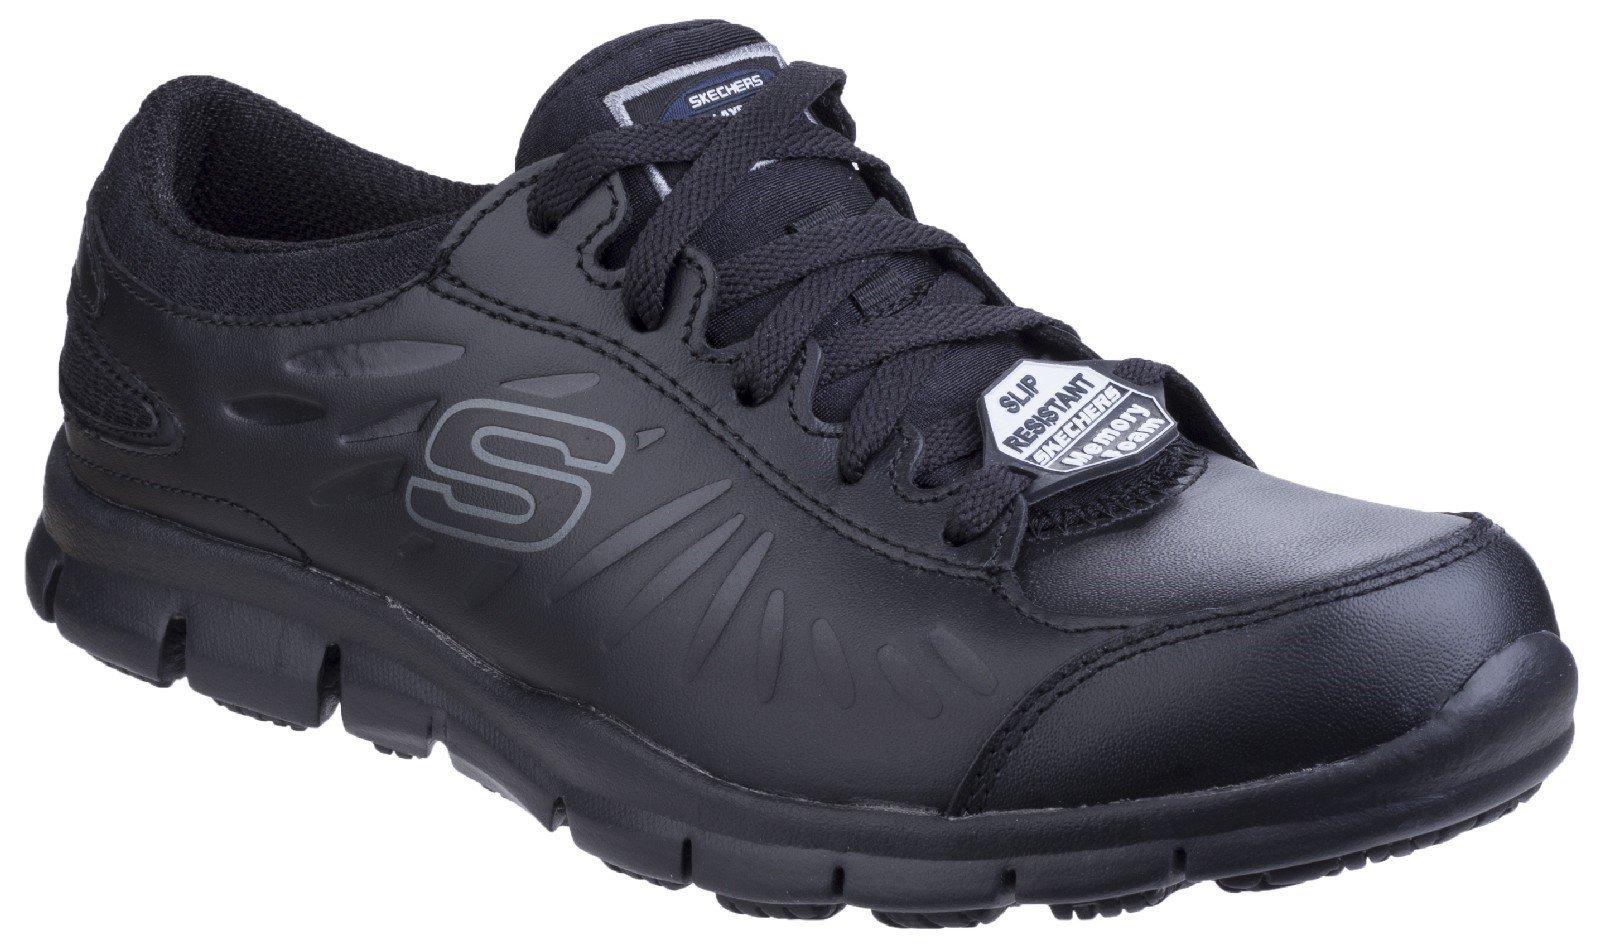 Skechers Women's Eldred Lace Up Shoe Black 25218 - Black 3